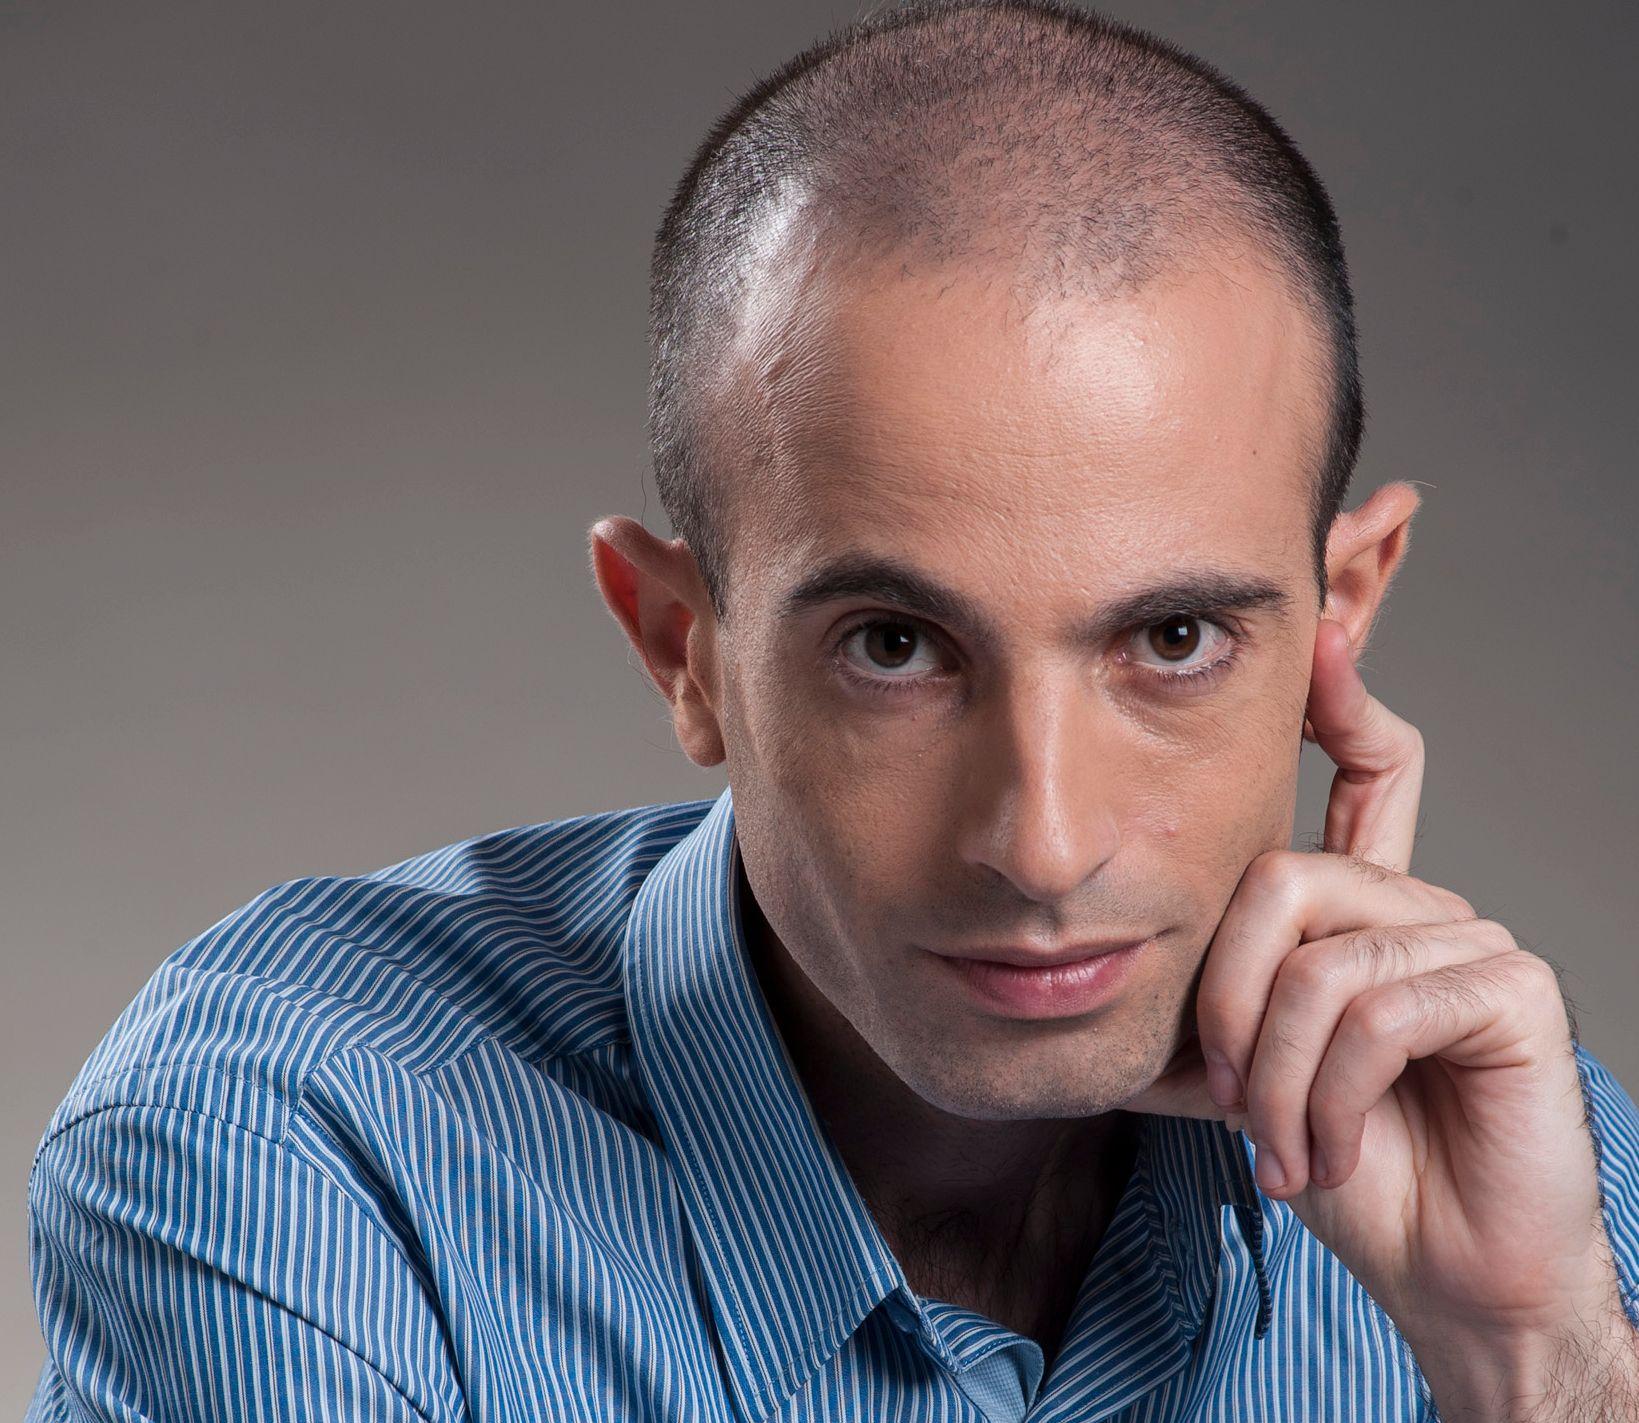 BESTSELGENDE TENKER: Yuval Noah Harari er hyllet av blant annet Barack Obama og Bill Gates og anses som en av vår tids store tenkere. Etter gjennombruddet med «Sapiens - en kort historie om menneskeheten» er han utgitt i over 50 land, og han har solgt over 12 millioner bøker.